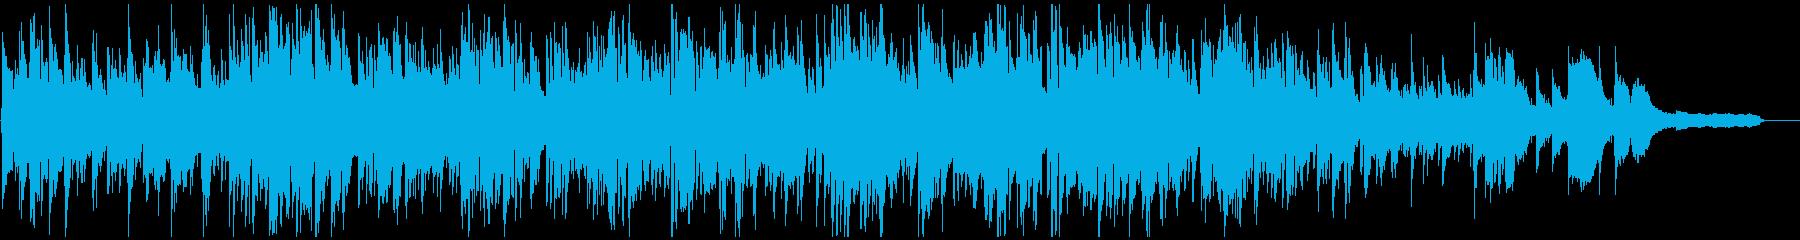 爽やかなボサノバ、素敵なサックスの音色の再生済みの波形